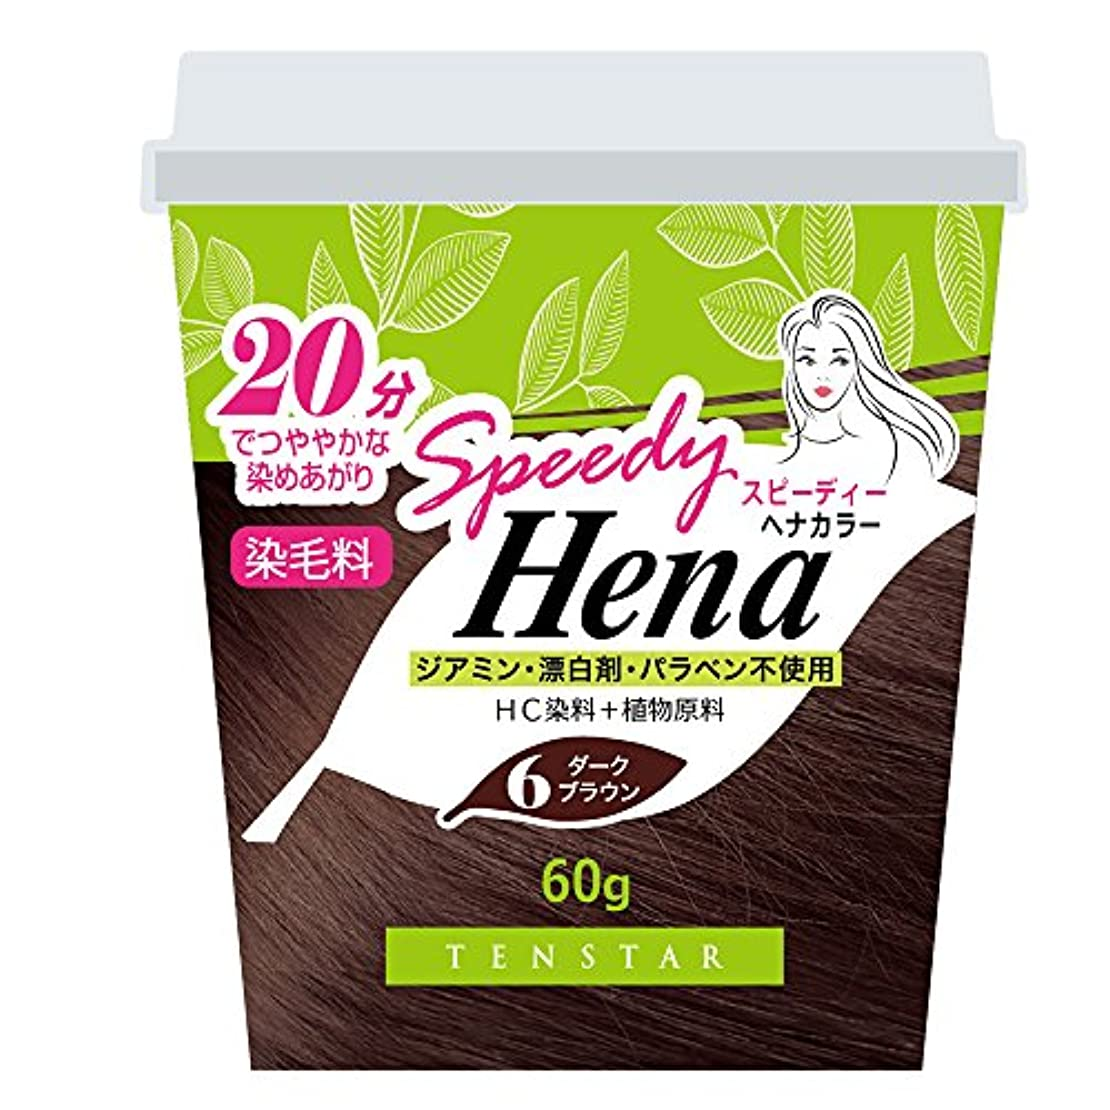 褒賞拷問糸THH-01 テンスター スピーディー ヘナカラー ダークブラウン 60G